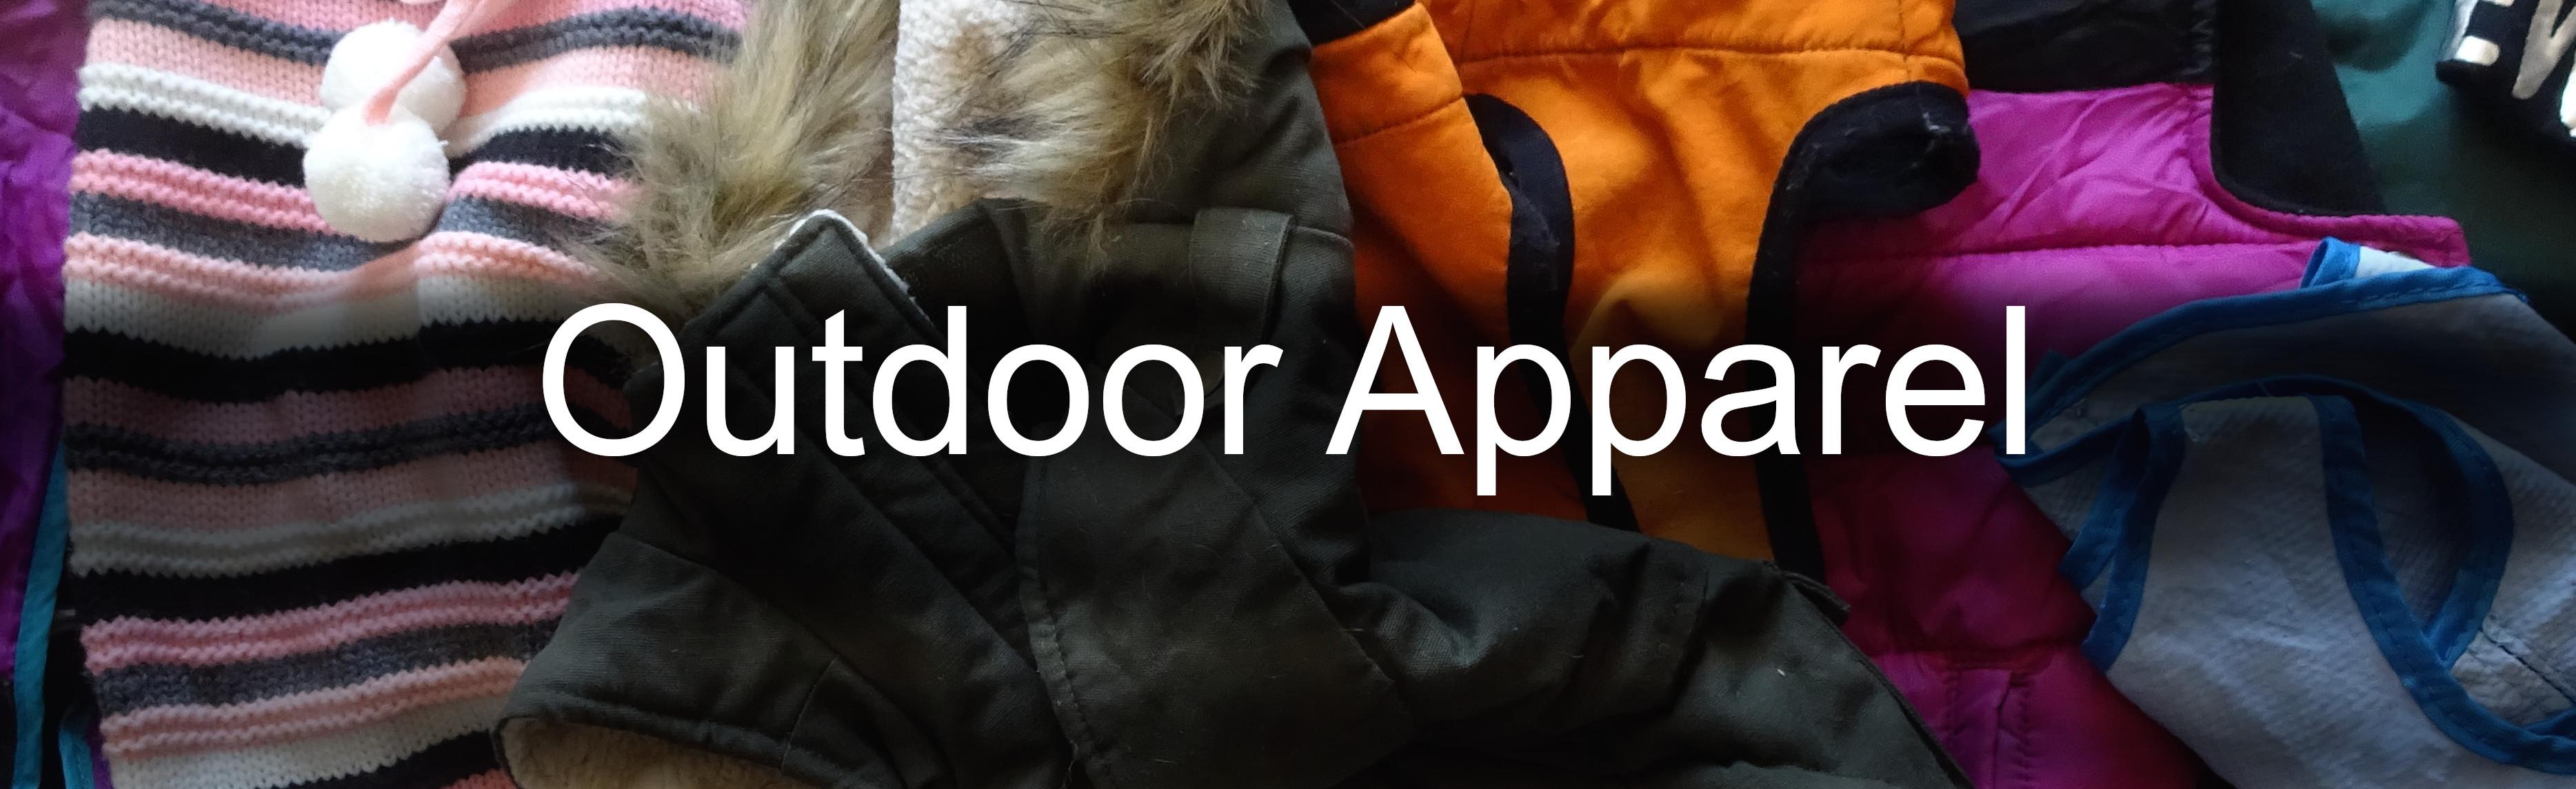 outdoor apparel arial